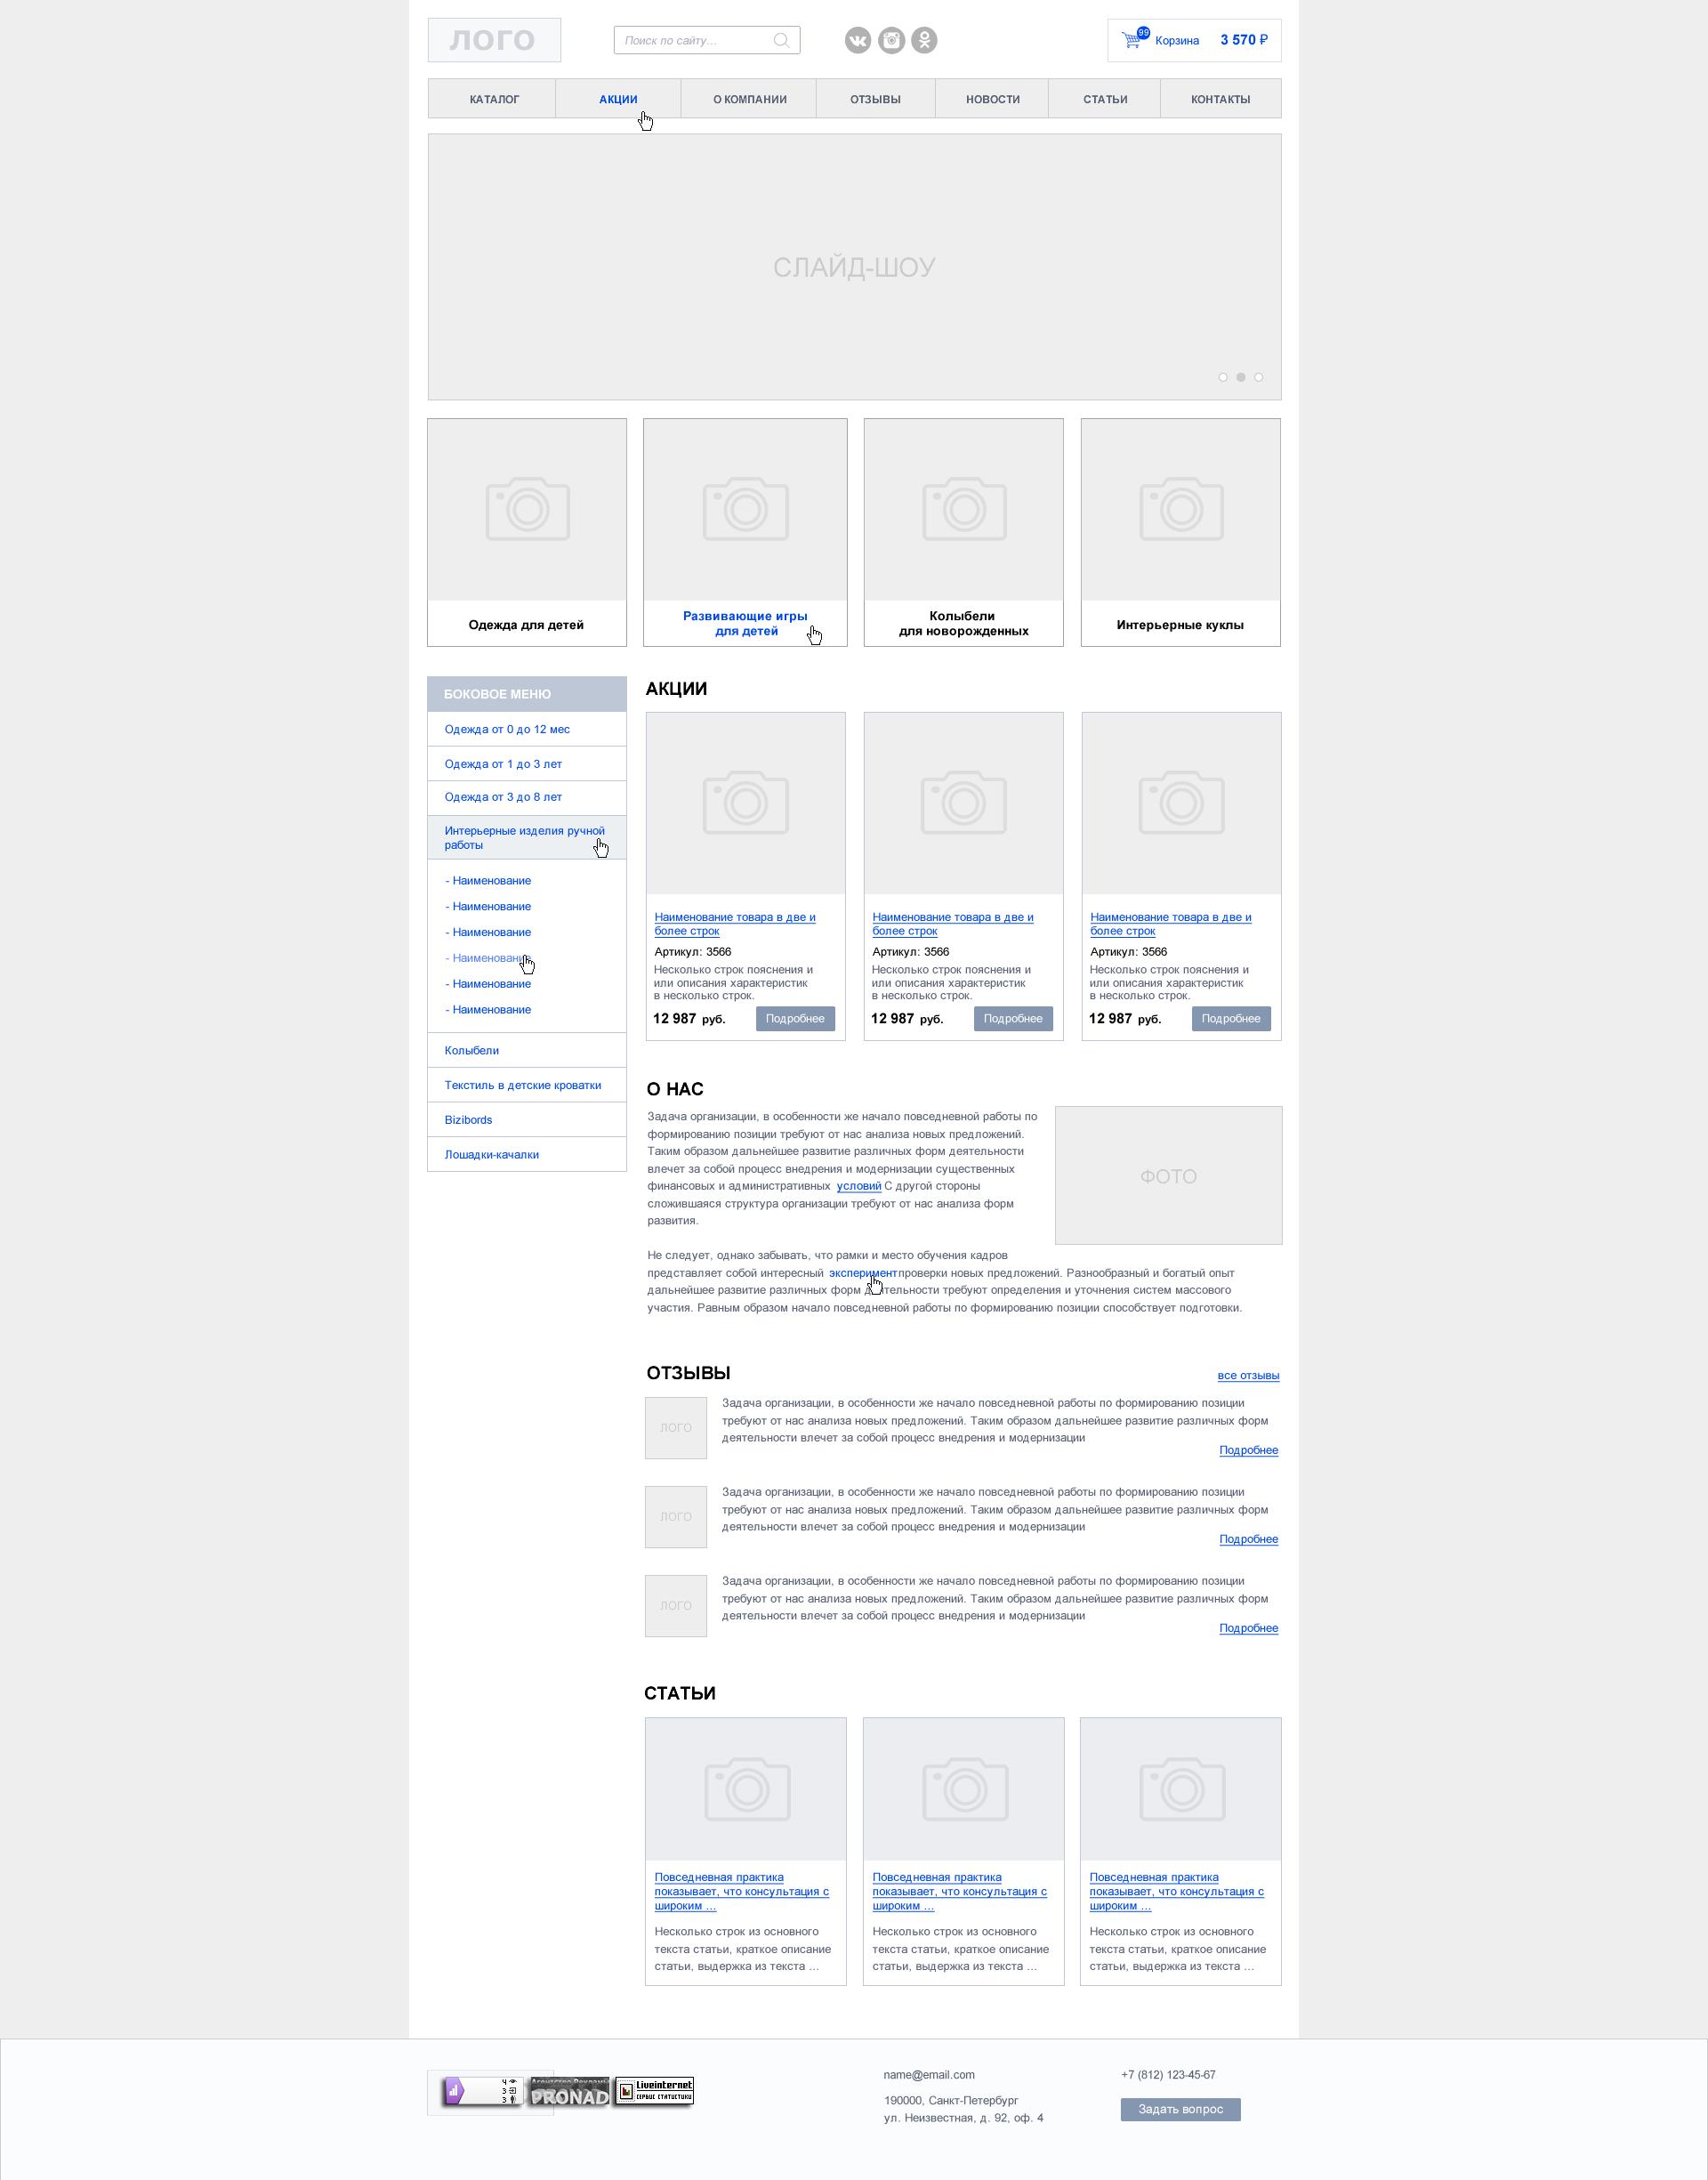 блок-схема сайта и варианты подобранных стилистических решений интернет-магазина